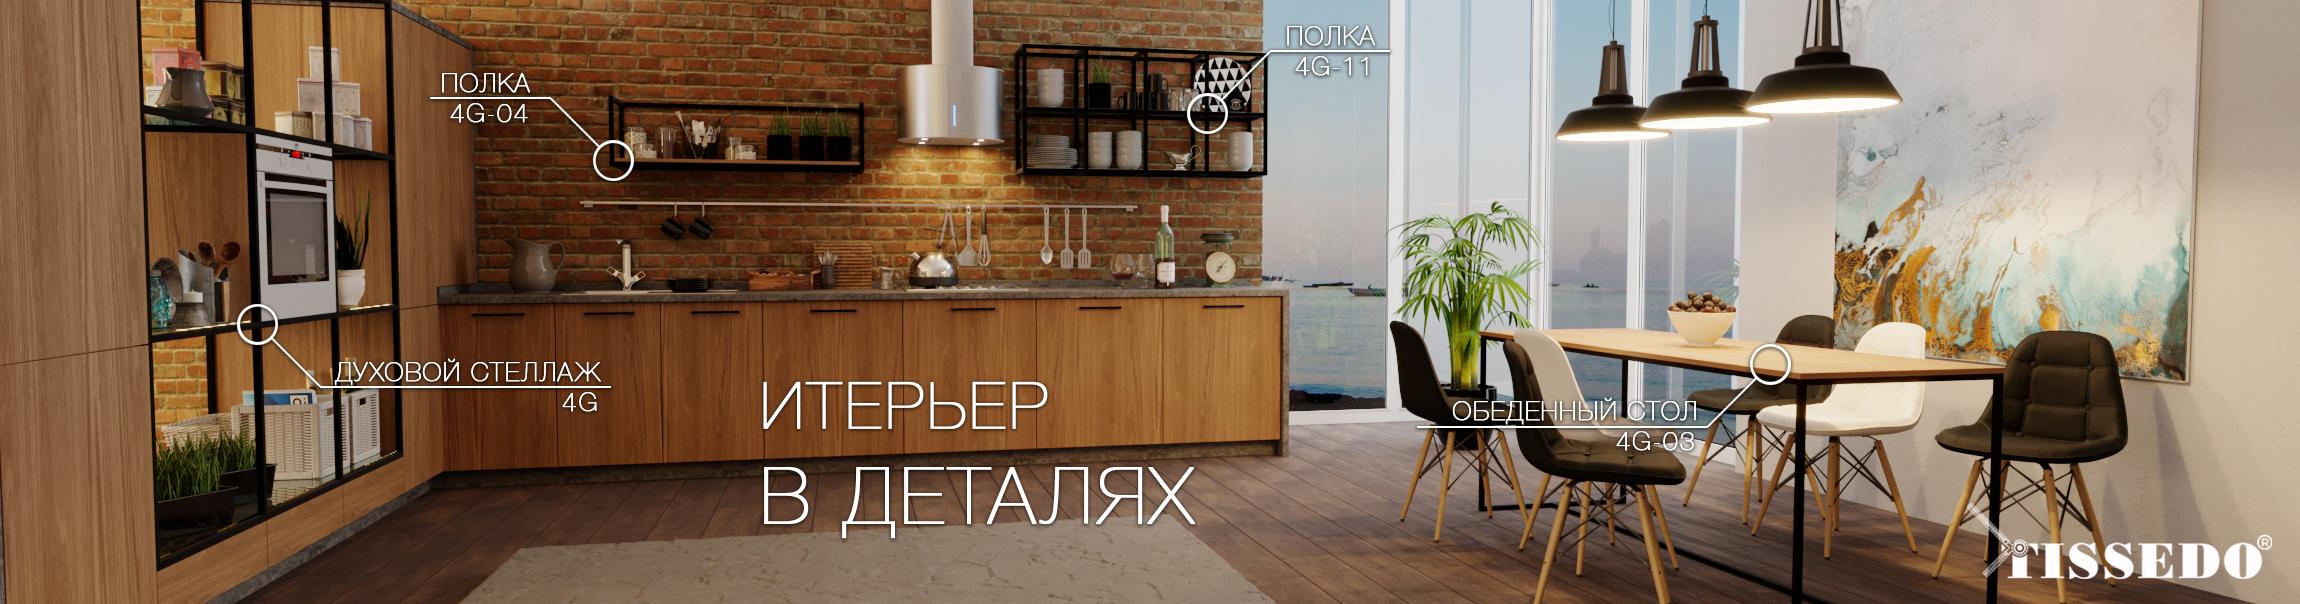 Дизайнерская мебель под заказ в Одессе